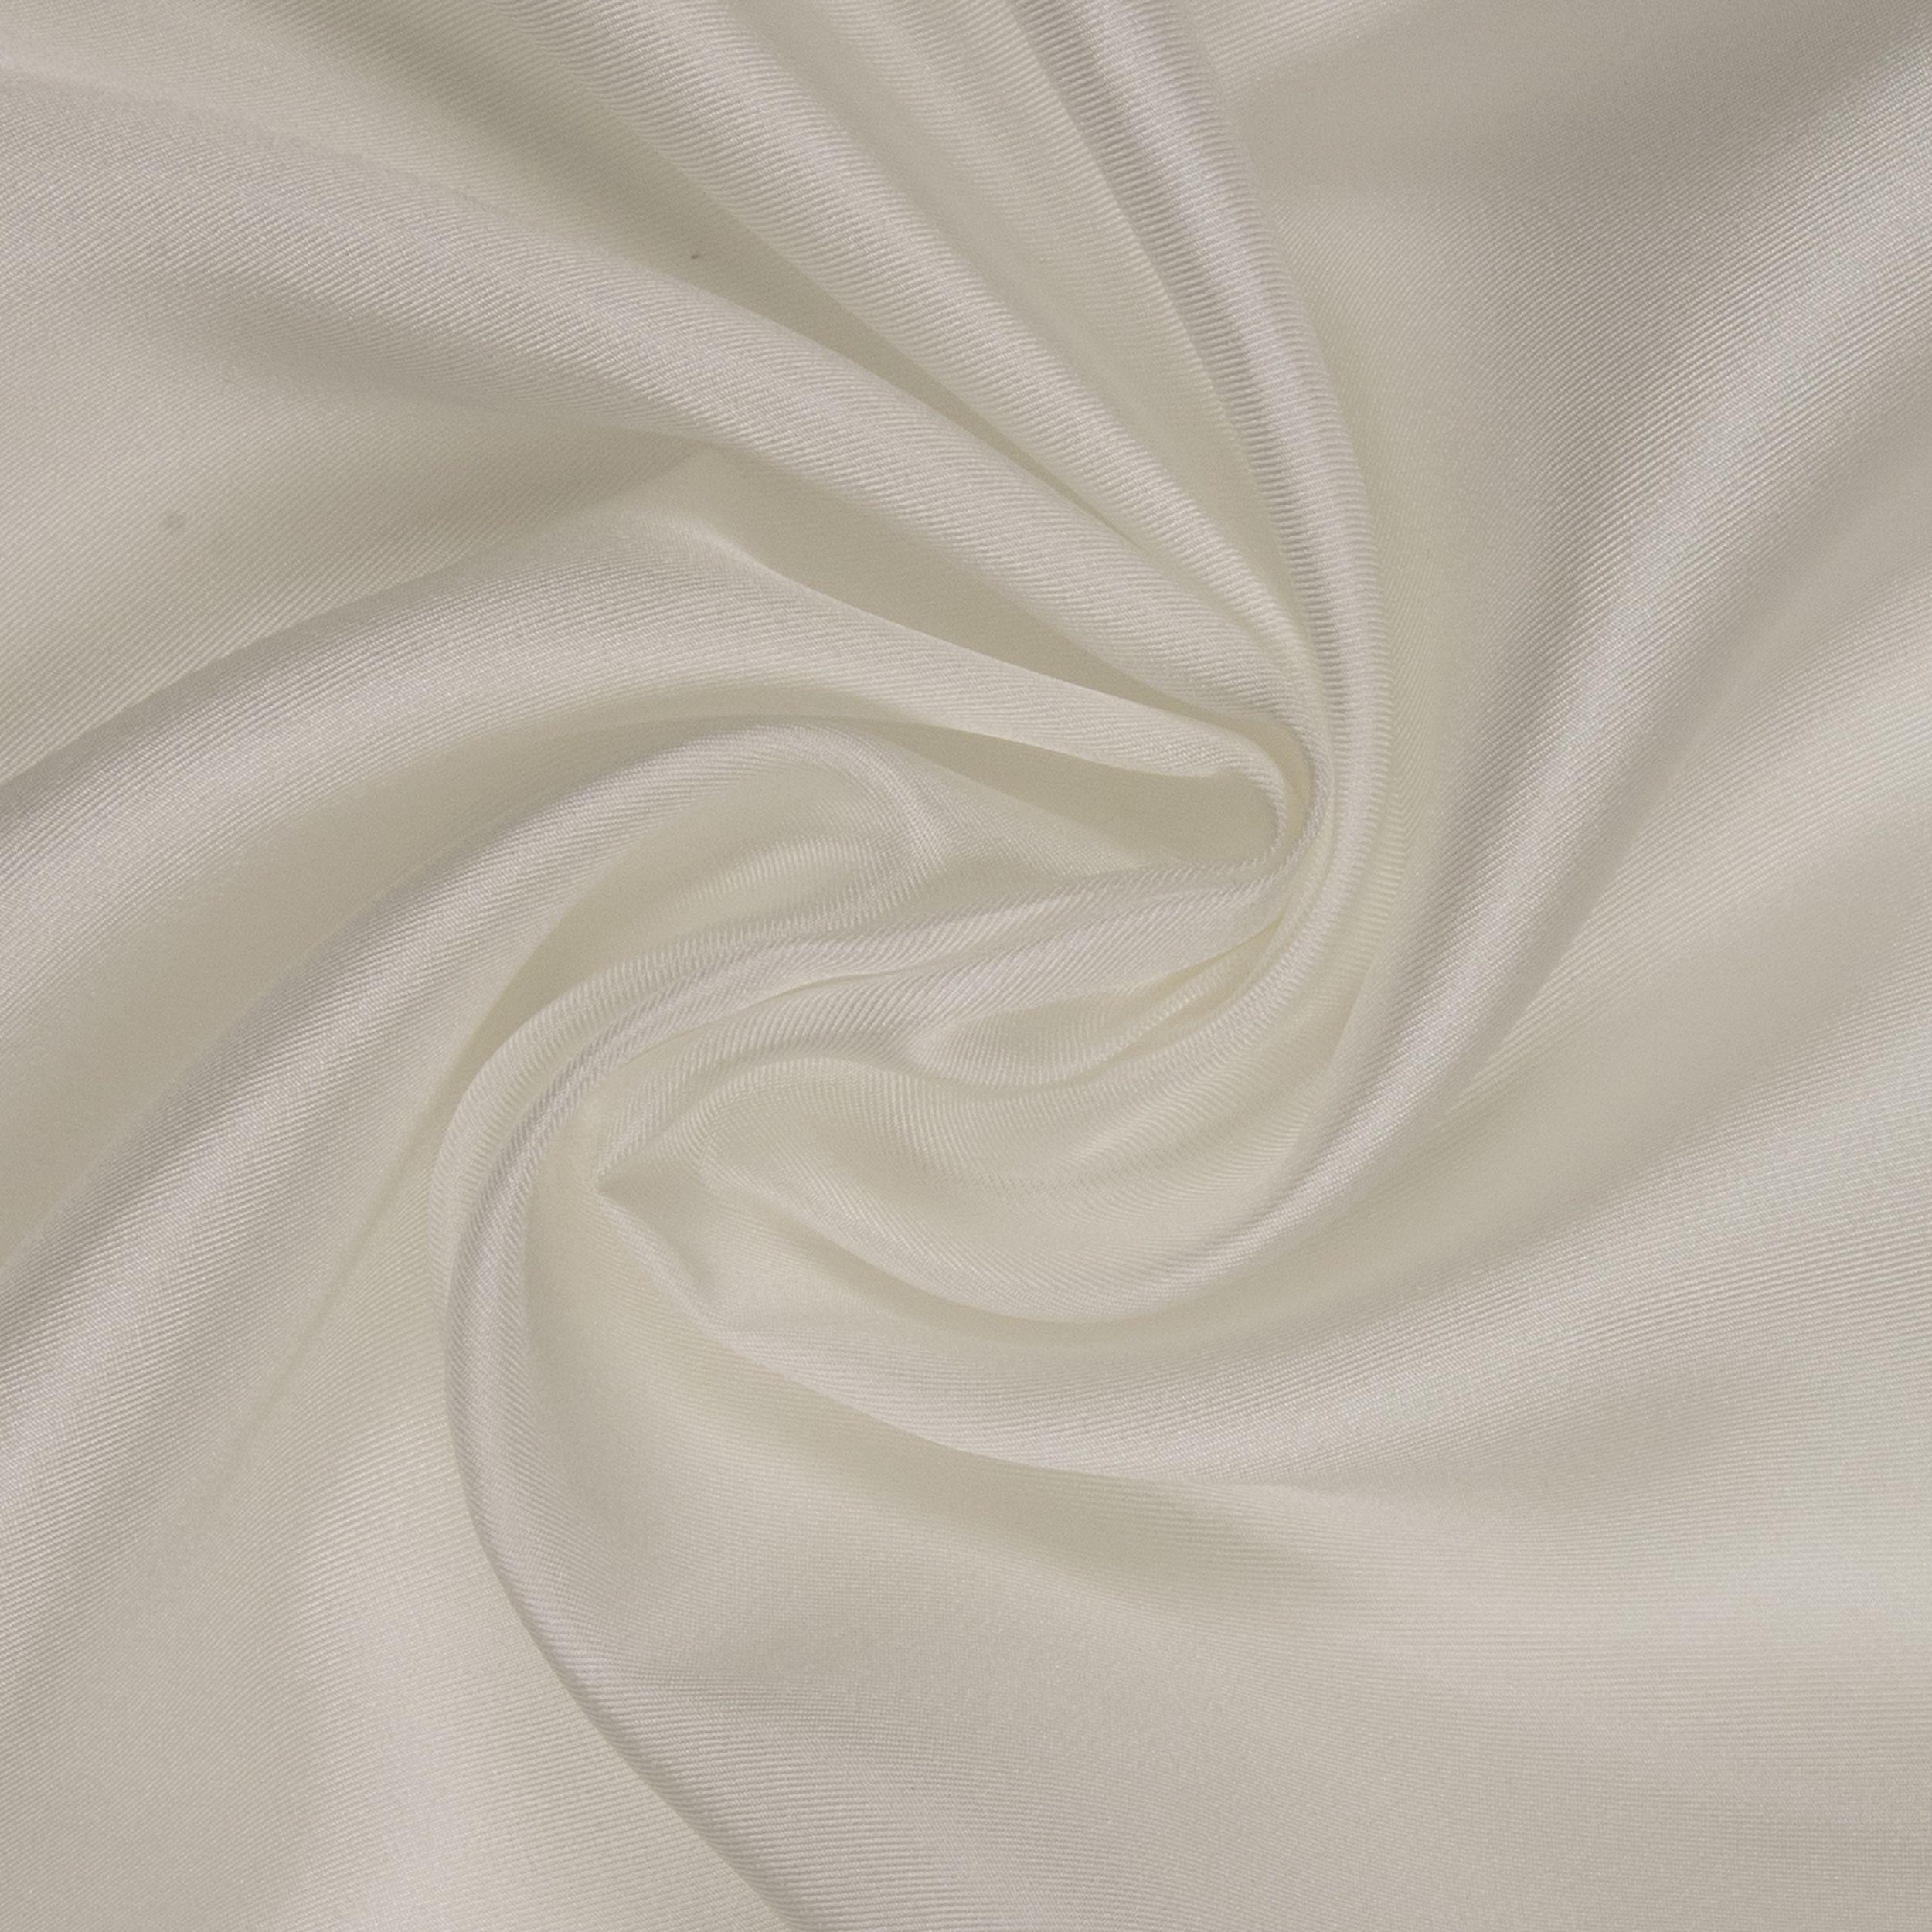 3143 / Chinesischer Reinseiden Twill rohweiß